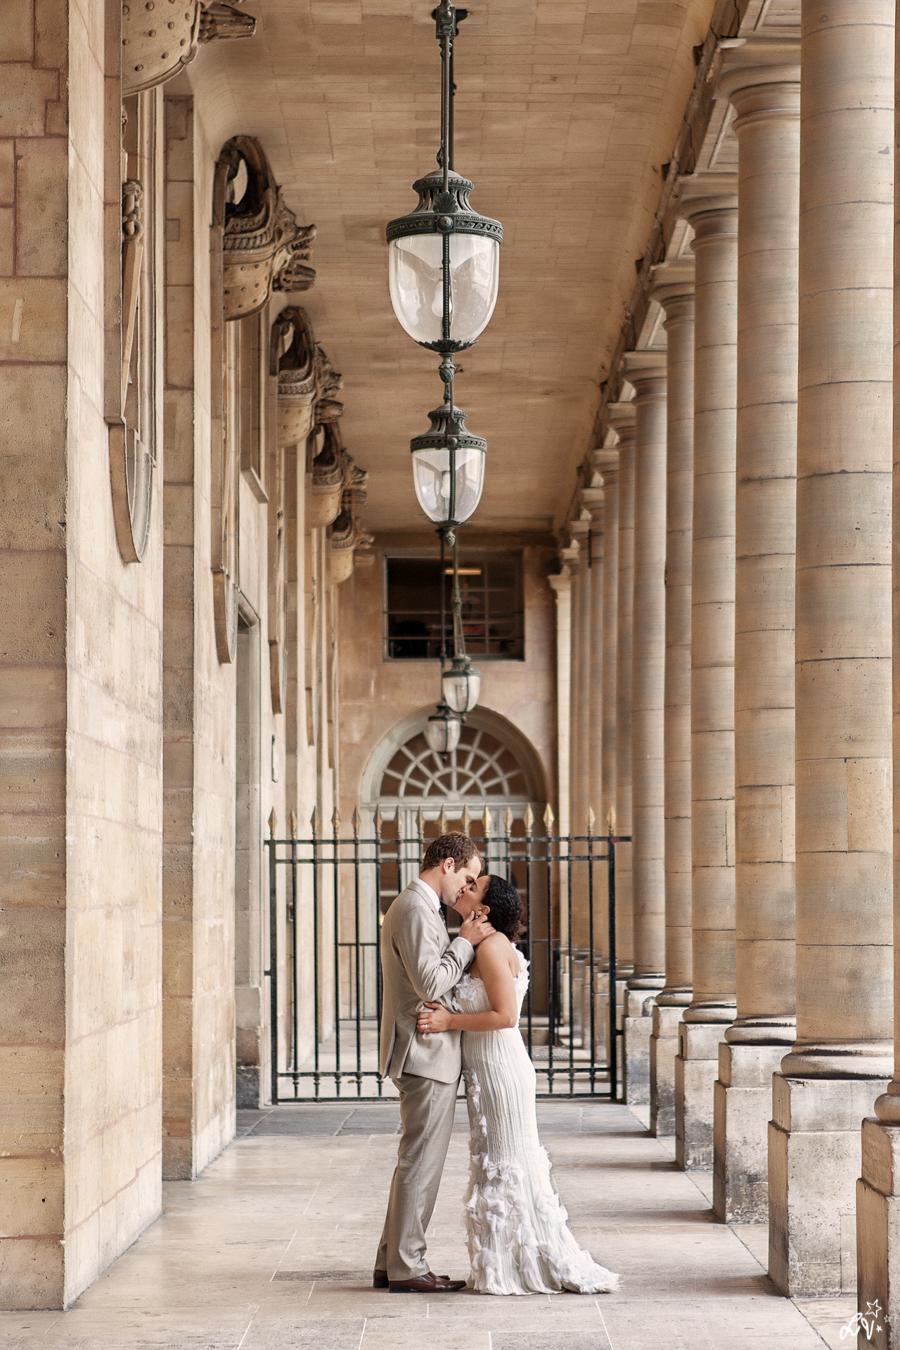 Portraitiste de France - mariage 4